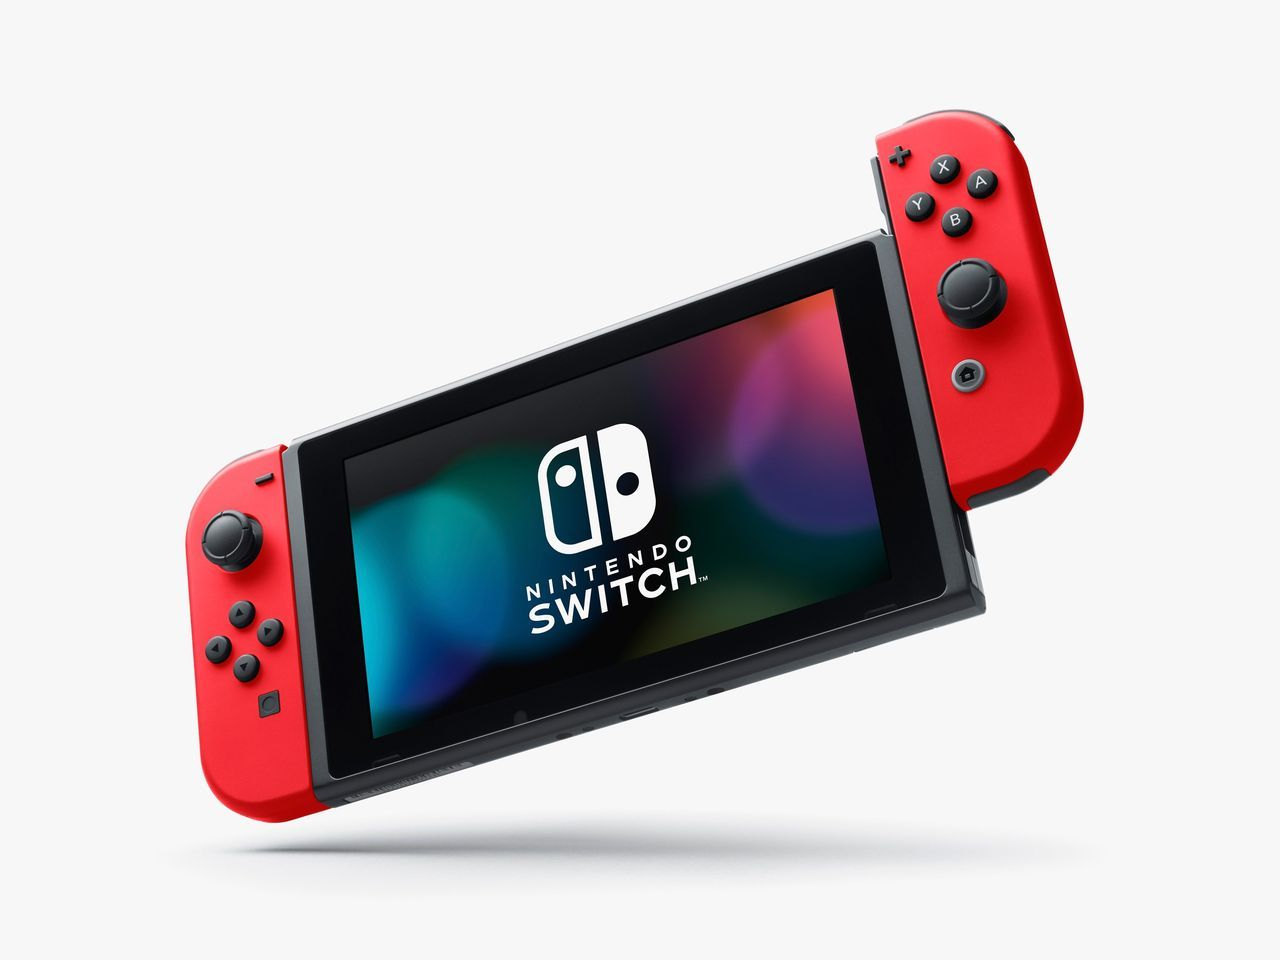 Grupptalan mot Nintendo startad för skenande Joy-Cons